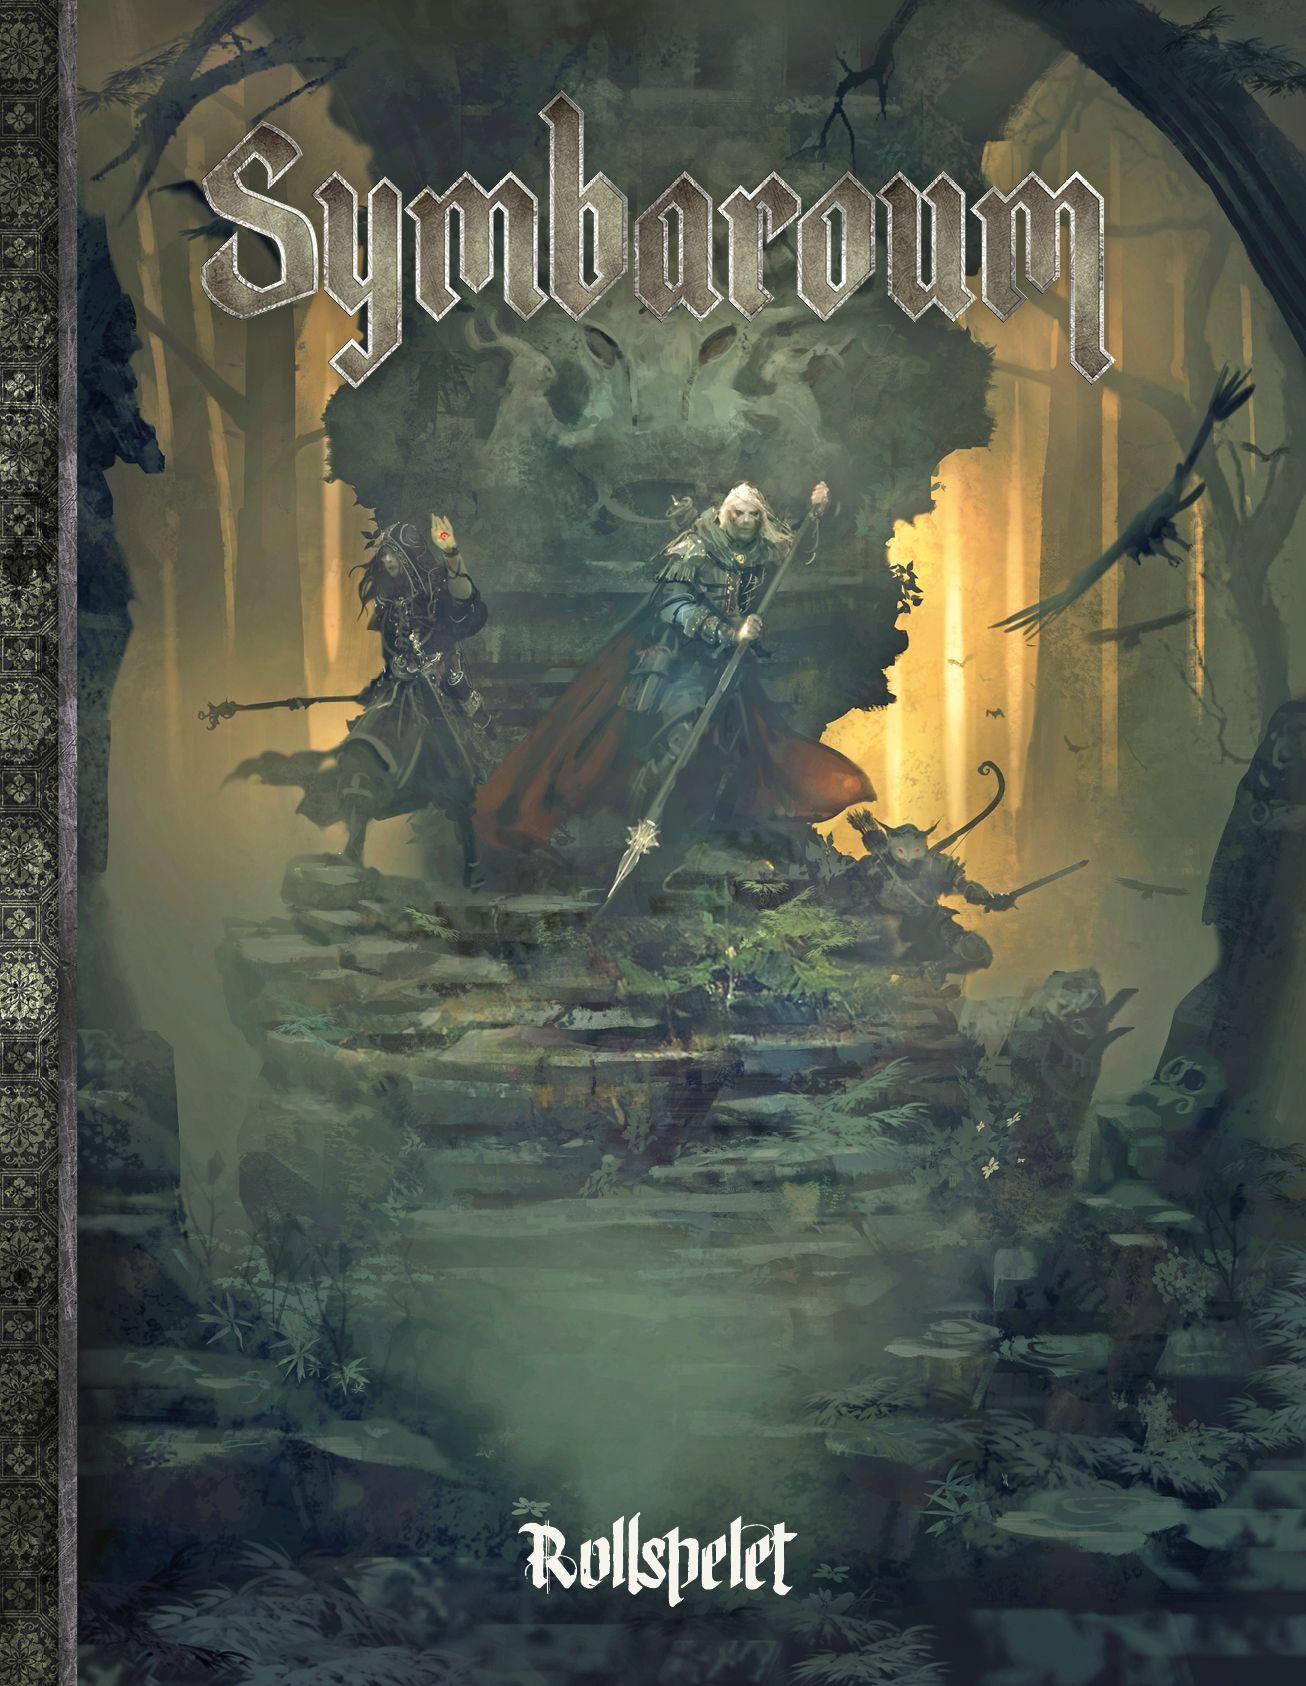 01 - Symbaroum cover image